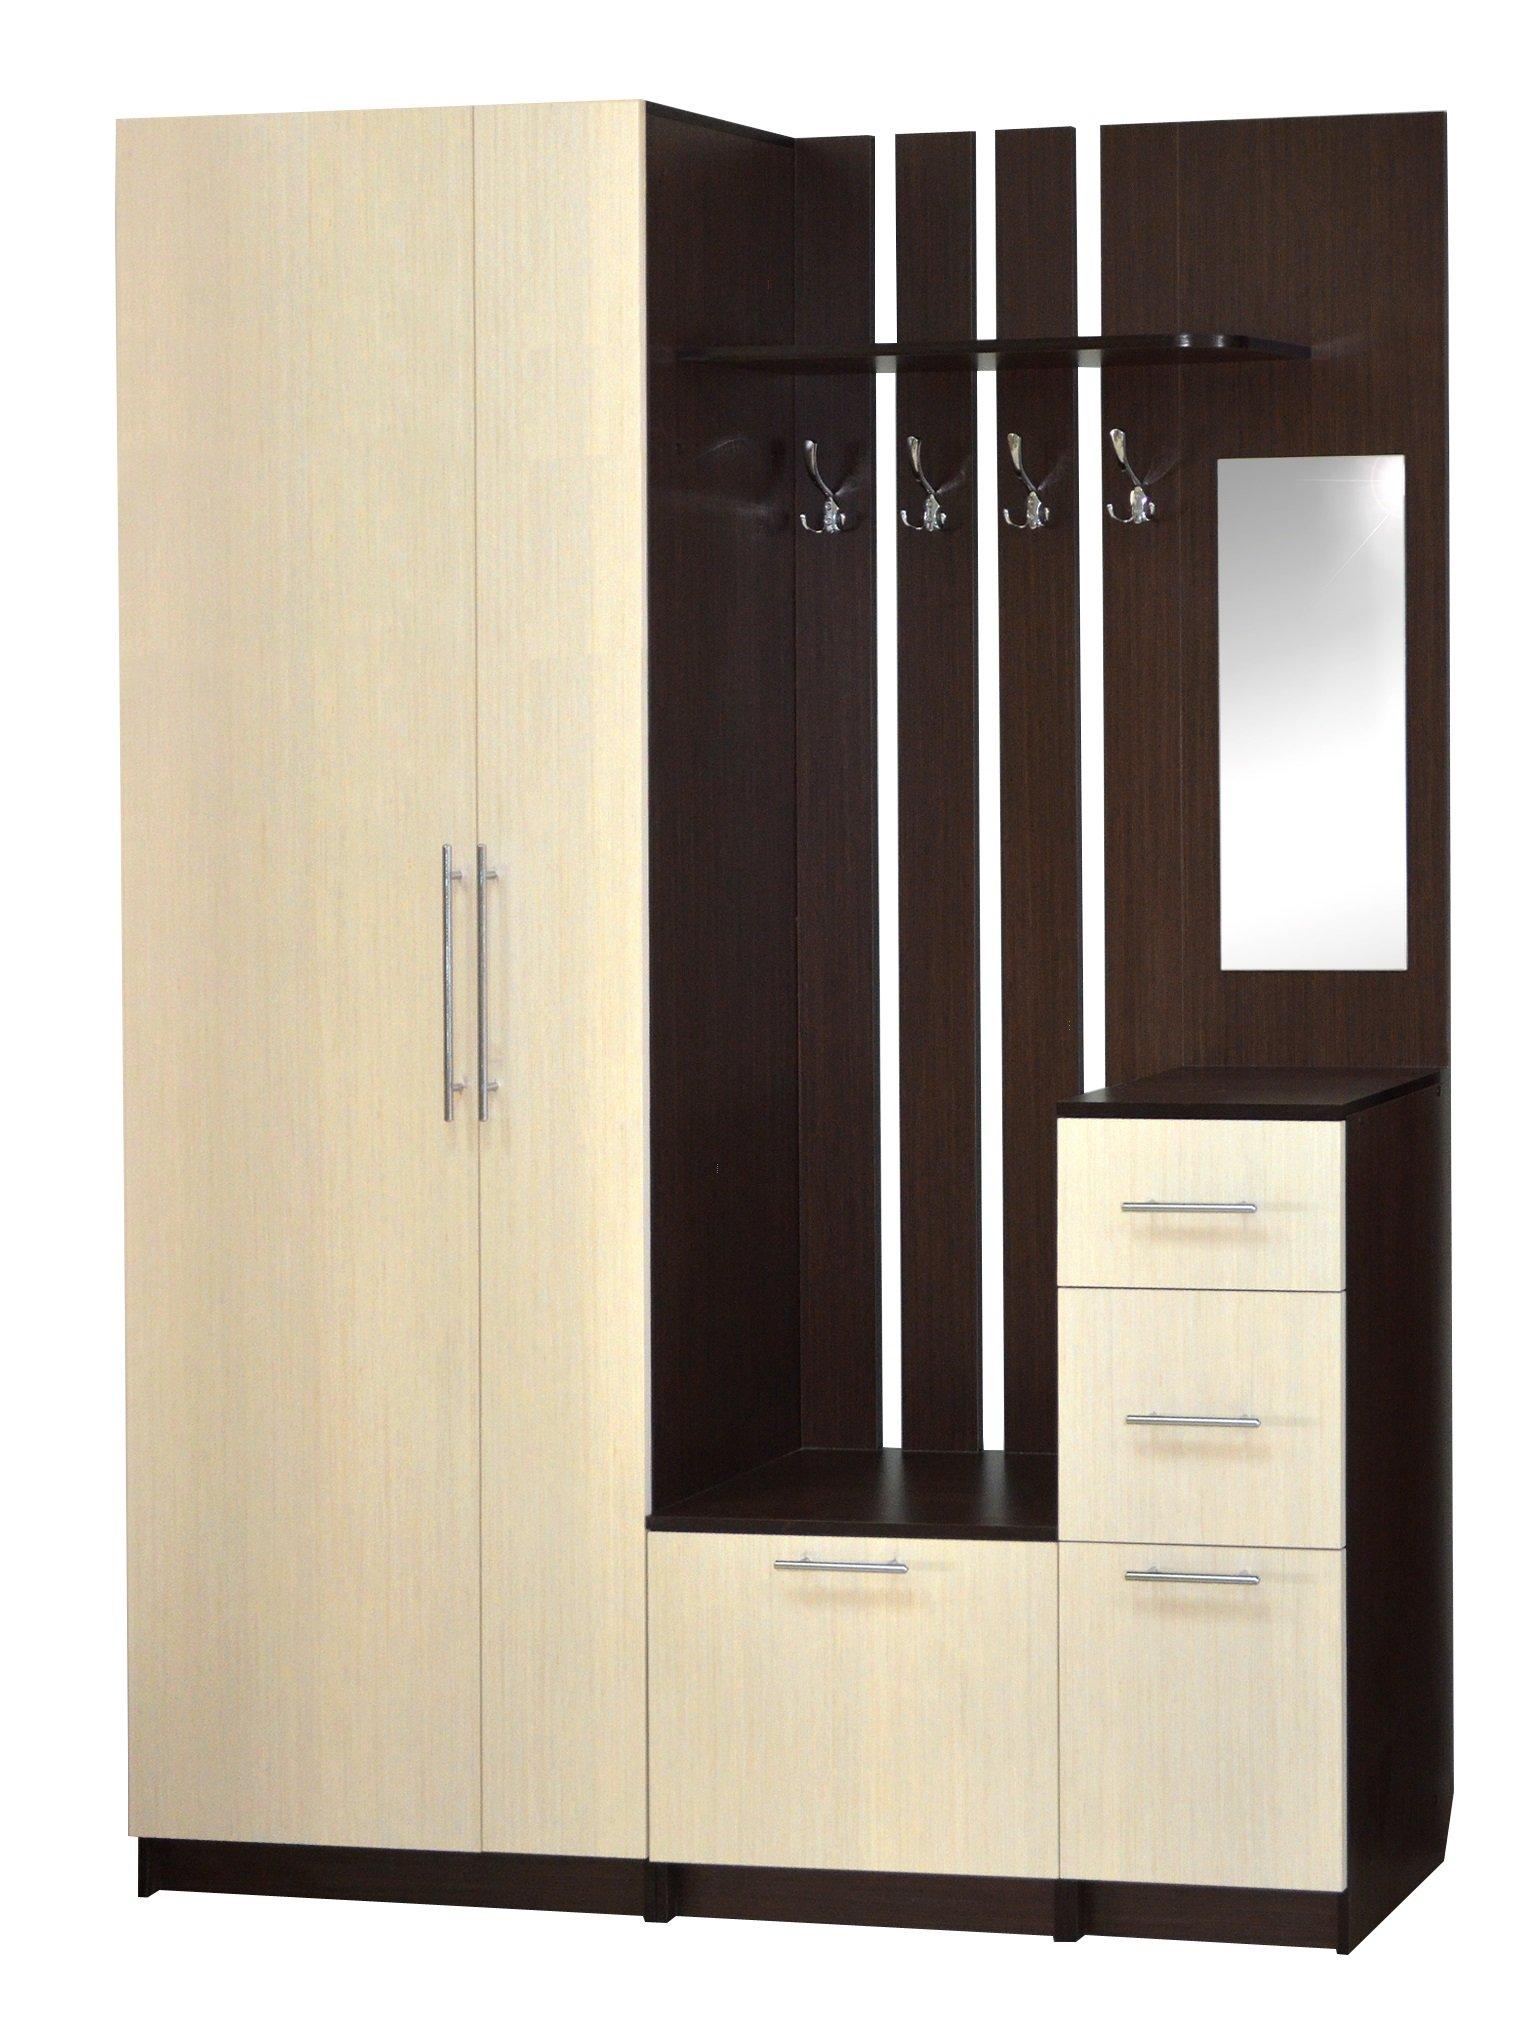 """Купитьприхожую""""агата-4""""от мебельной фабрики """"мебель холди."""